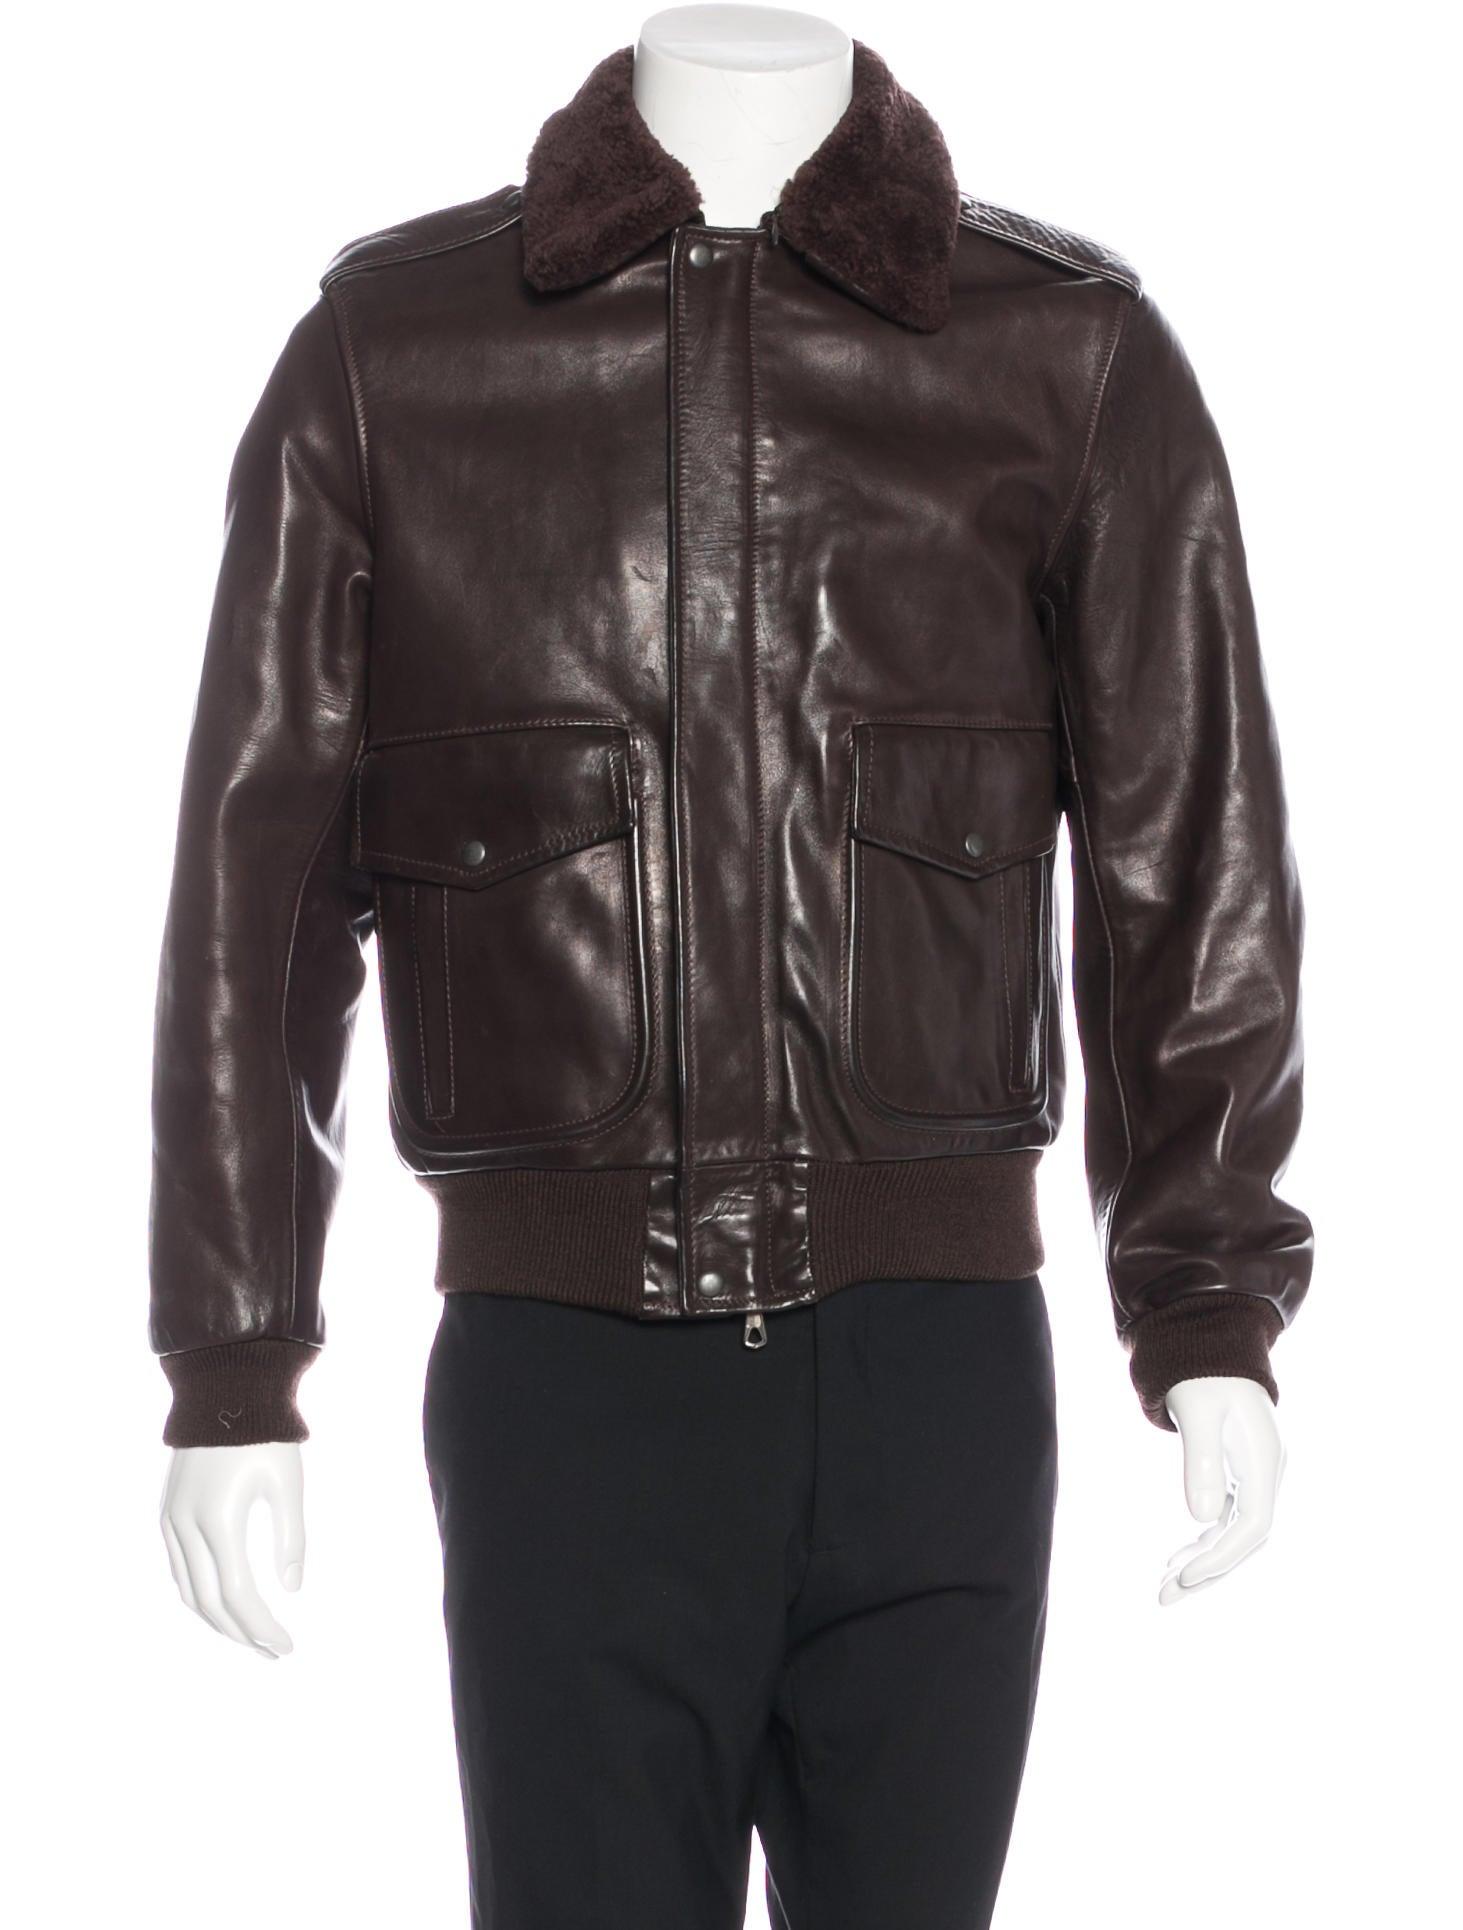 Maison Margiela Leather Flight Jacket - Clothing - MAI29697   The ...